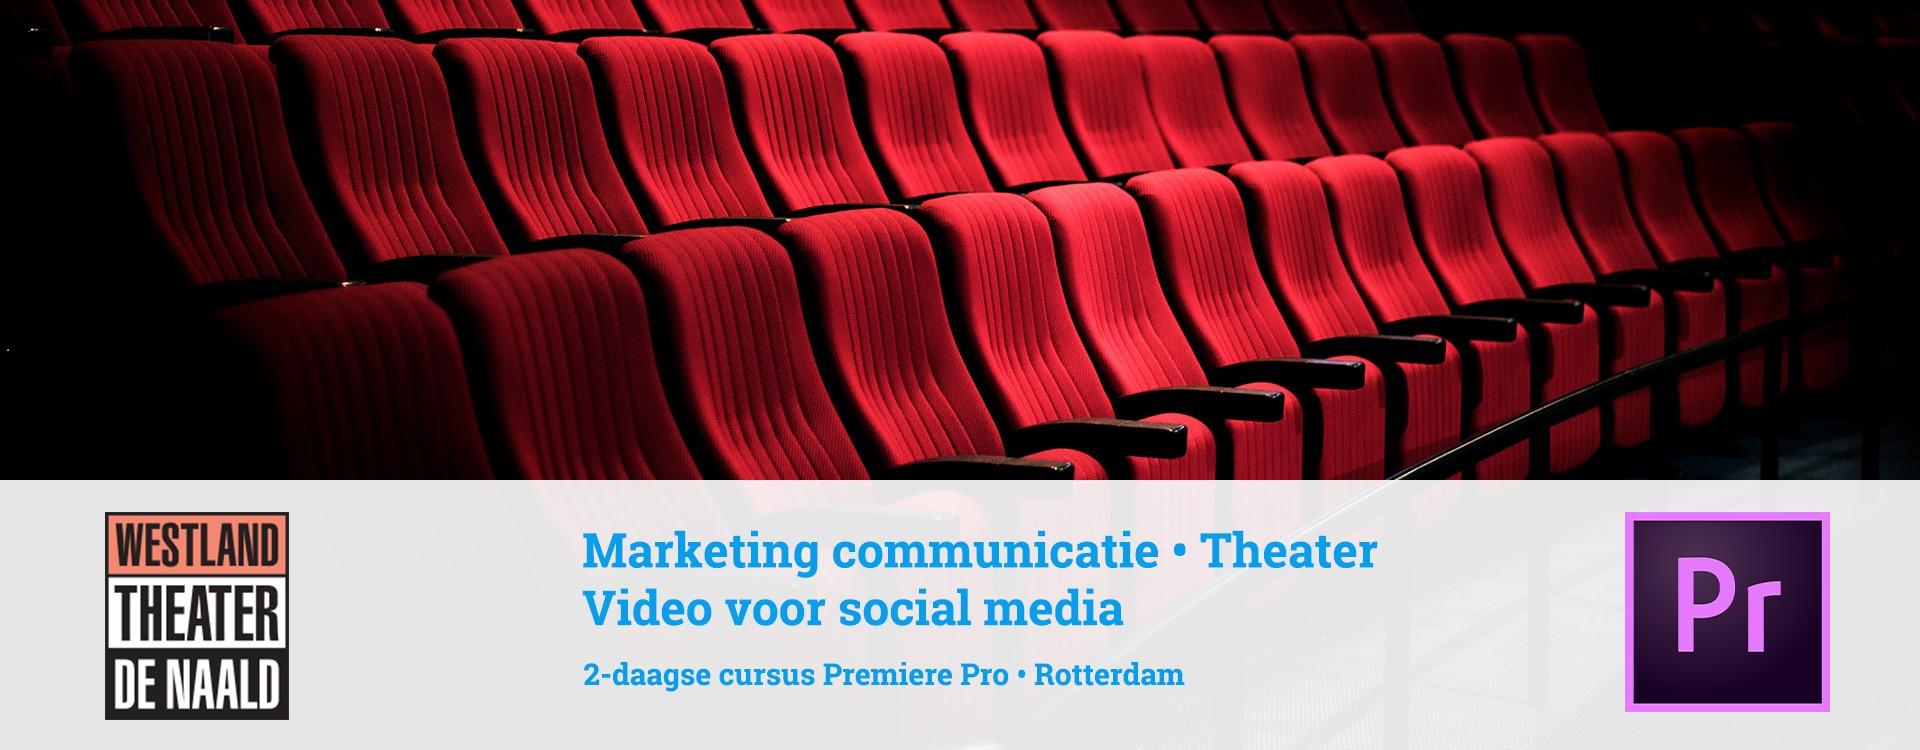 Meer video in social media van theater